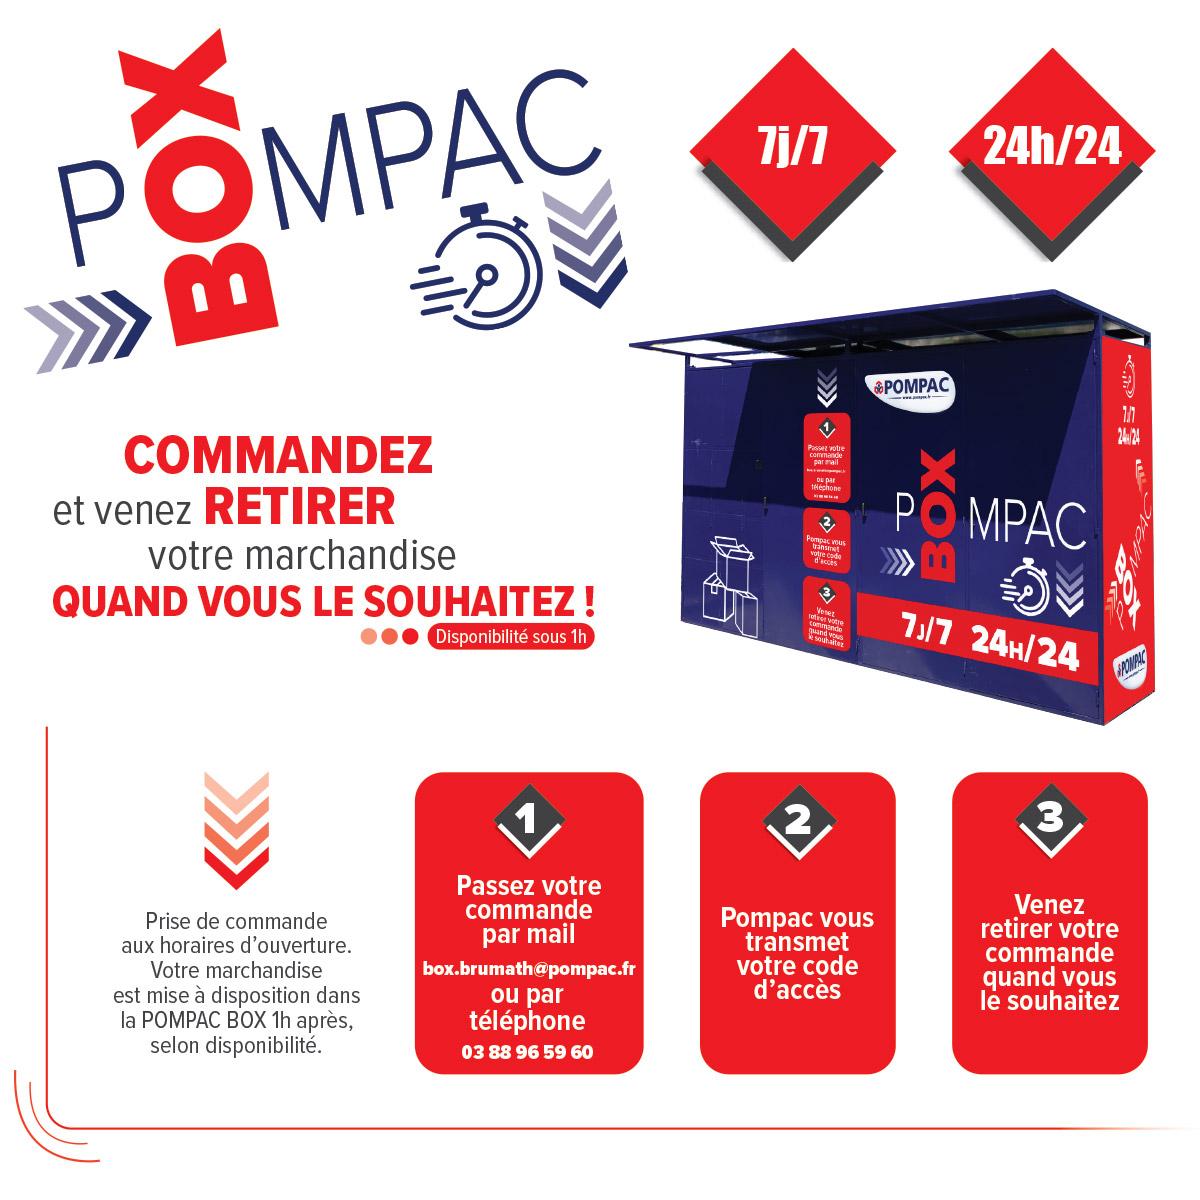 Pompac_Box_1.jpg